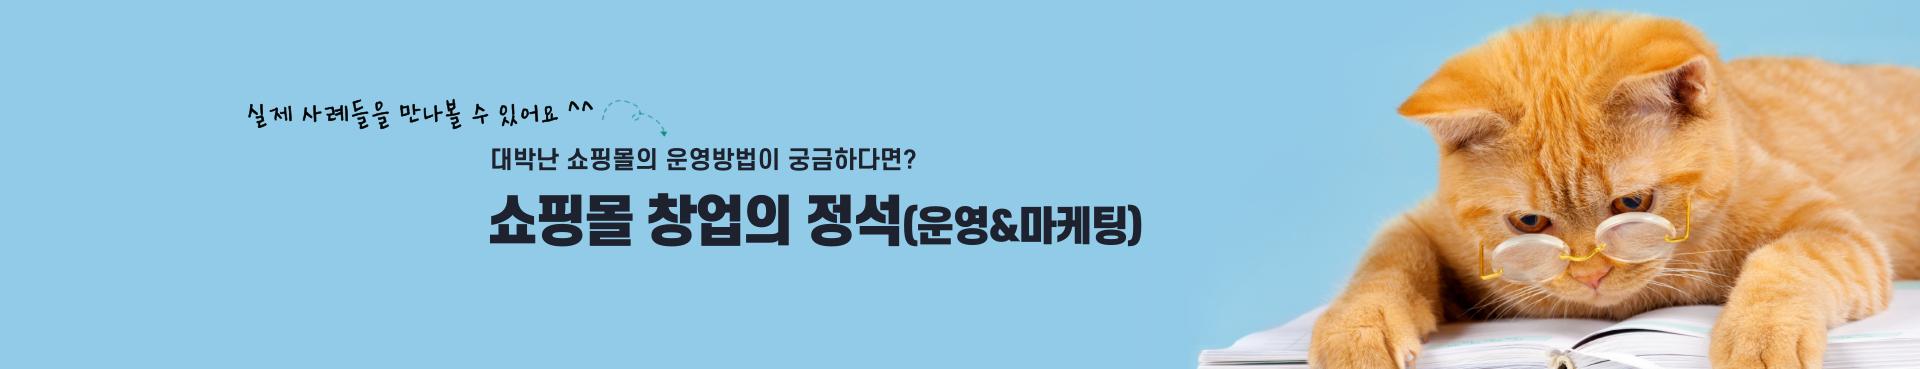 쇼핑몰창업의정석-도서홍보